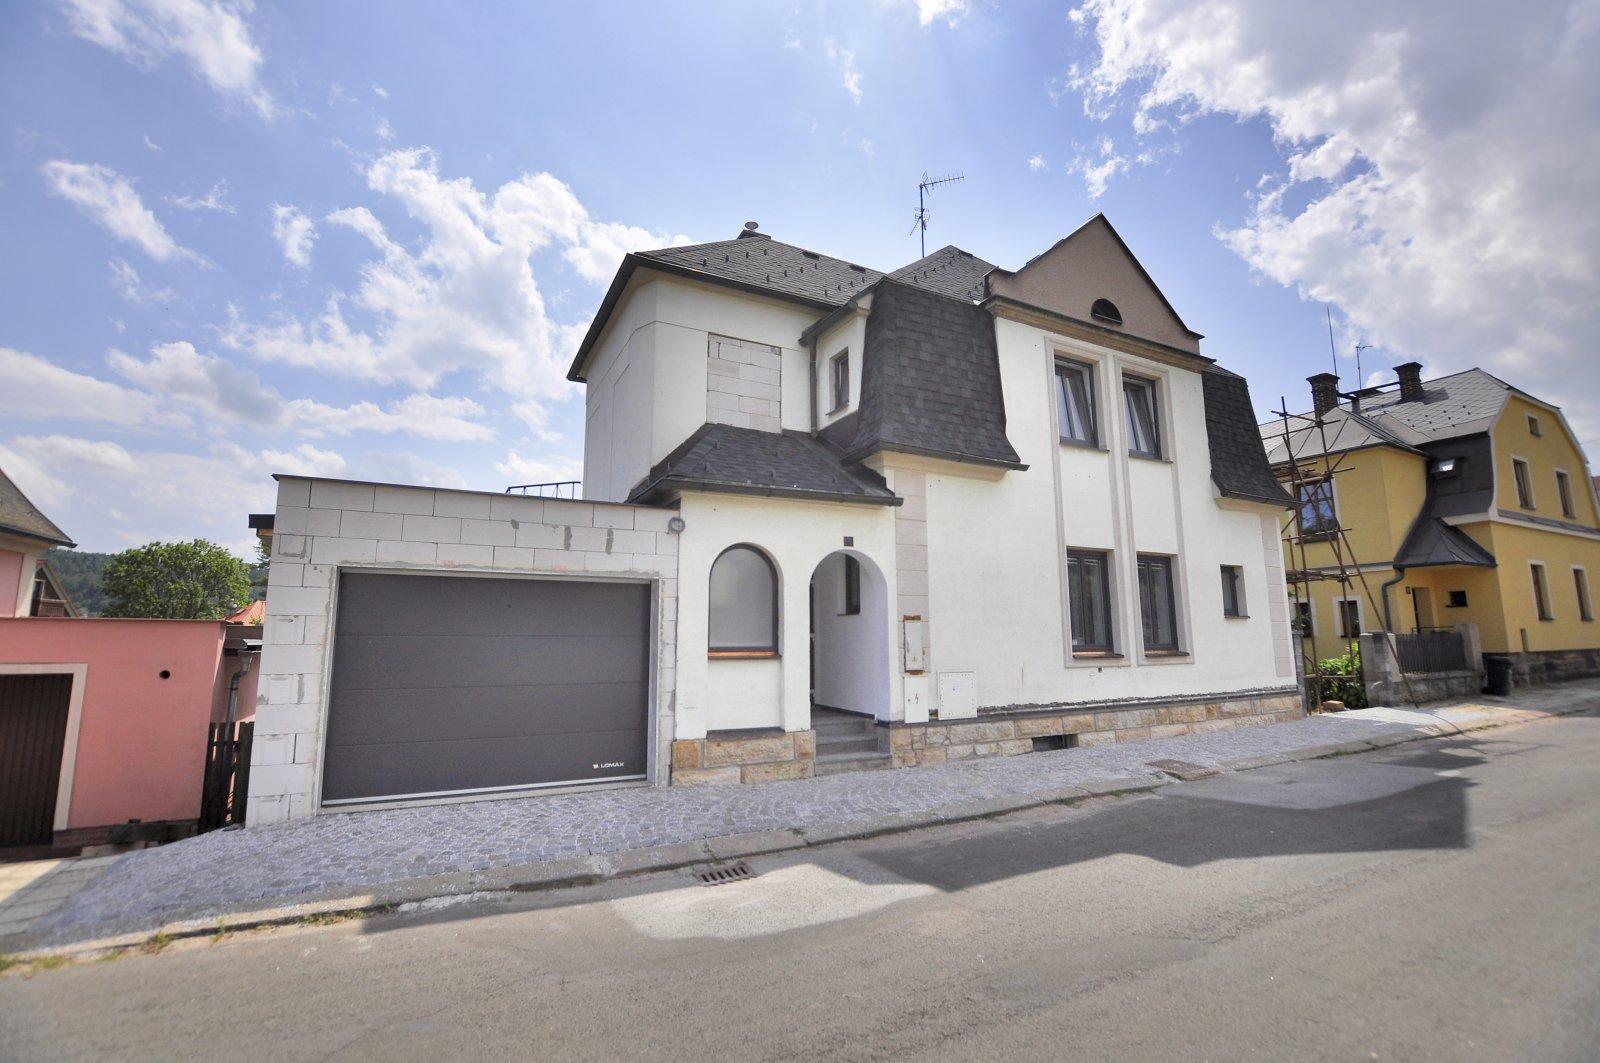 Rezervováno: Rodinný dům se dvěma byty, garáží, po kompletní rekonstrukci, Trutnov, Dvořákova